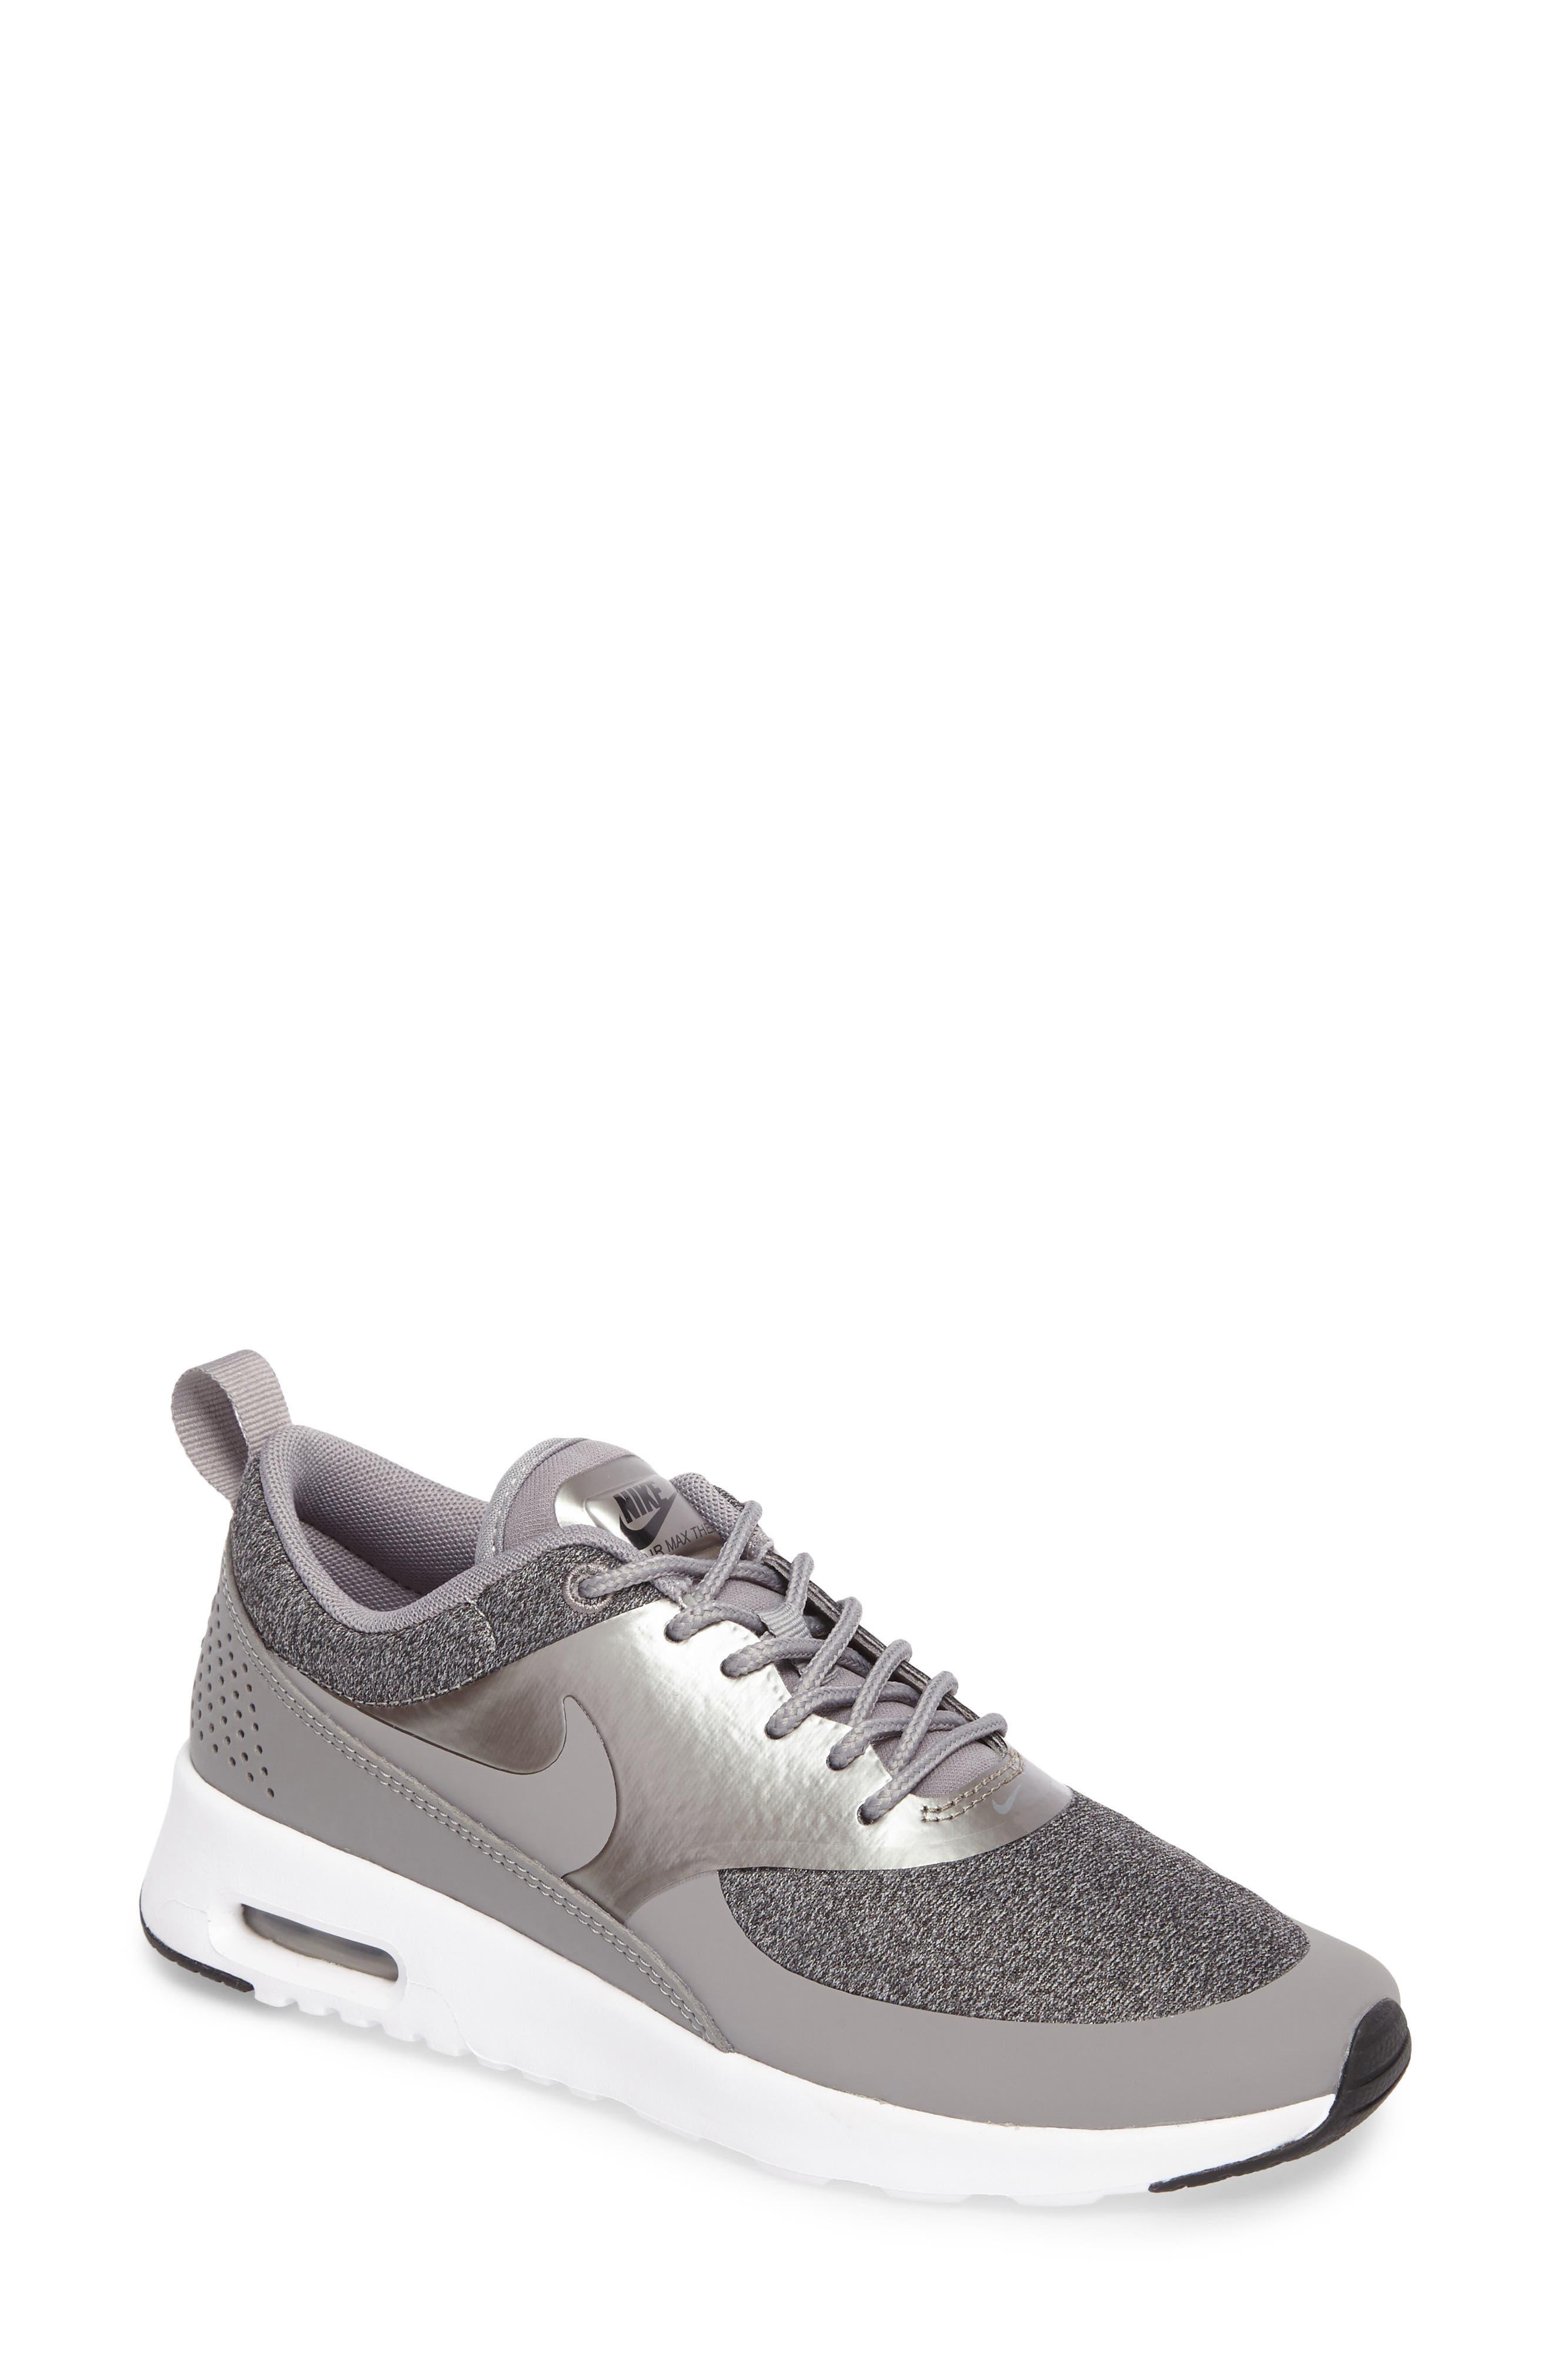 Air Max Thea Knit Sneaker,                             Main thumbnail 1, color,                             020